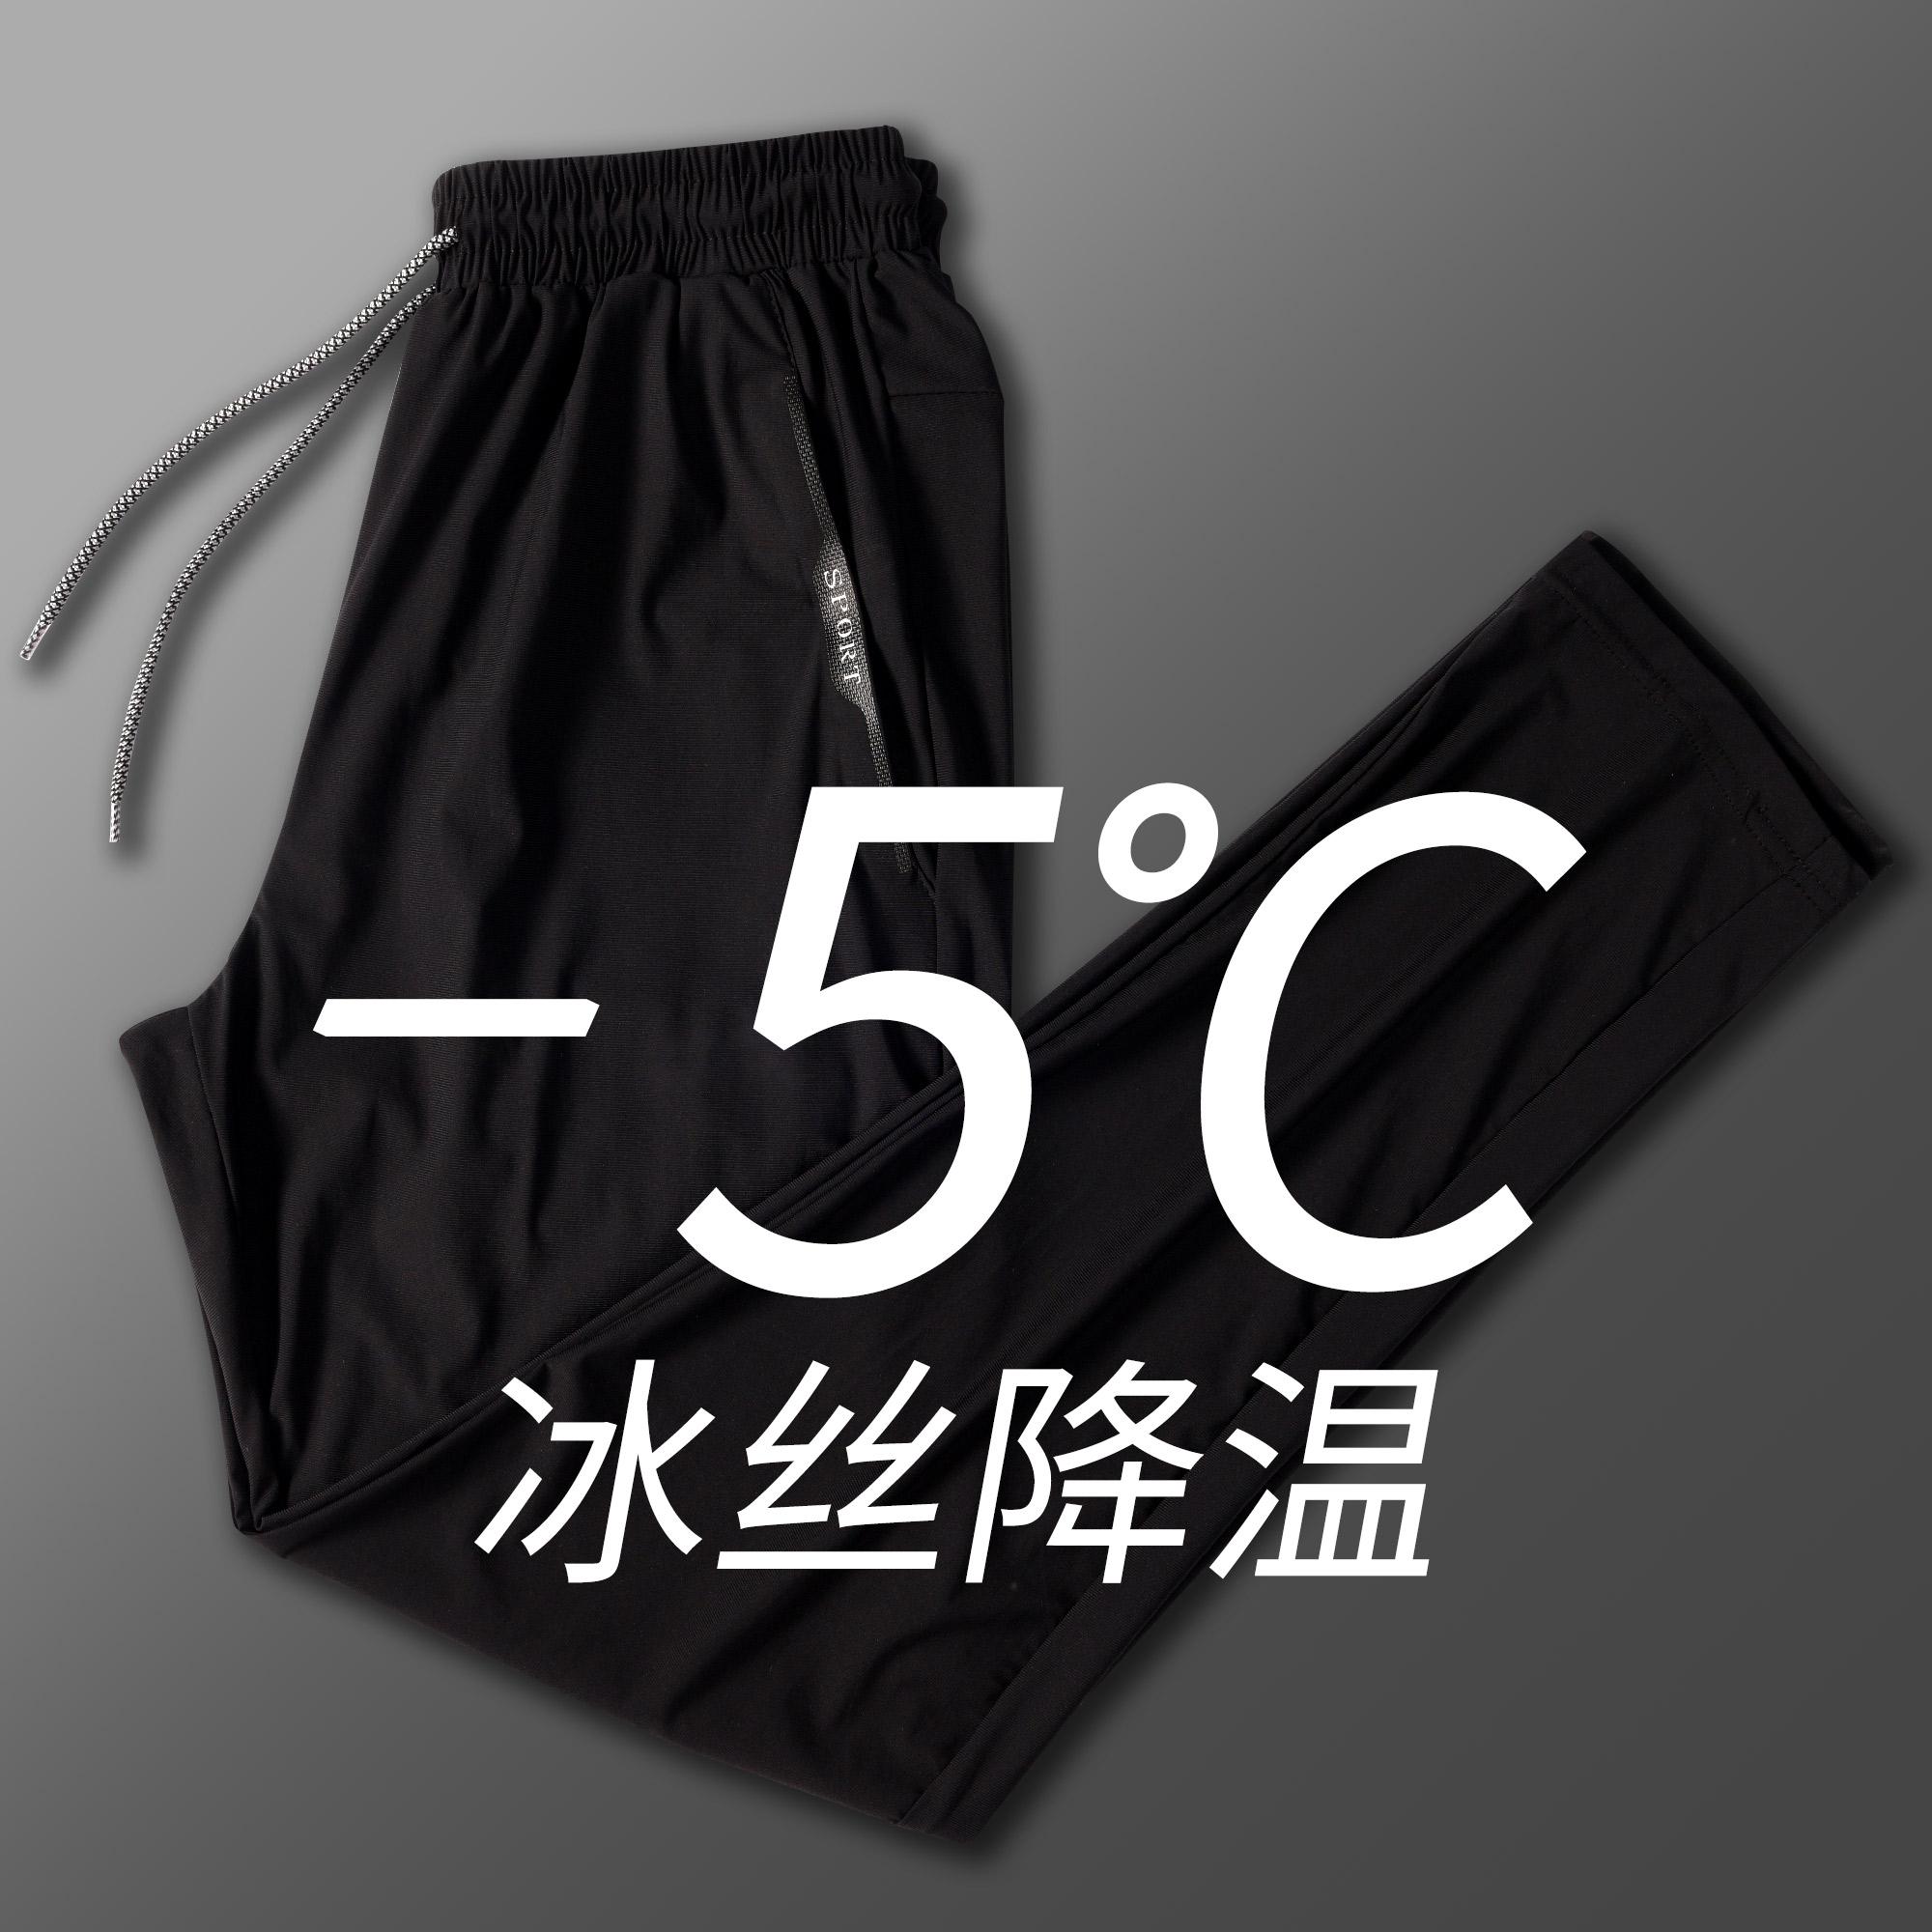 空调裤子男士夏季冰丝长裤休闲裤速干薄款加肥加大码胖子宽松直筒图片